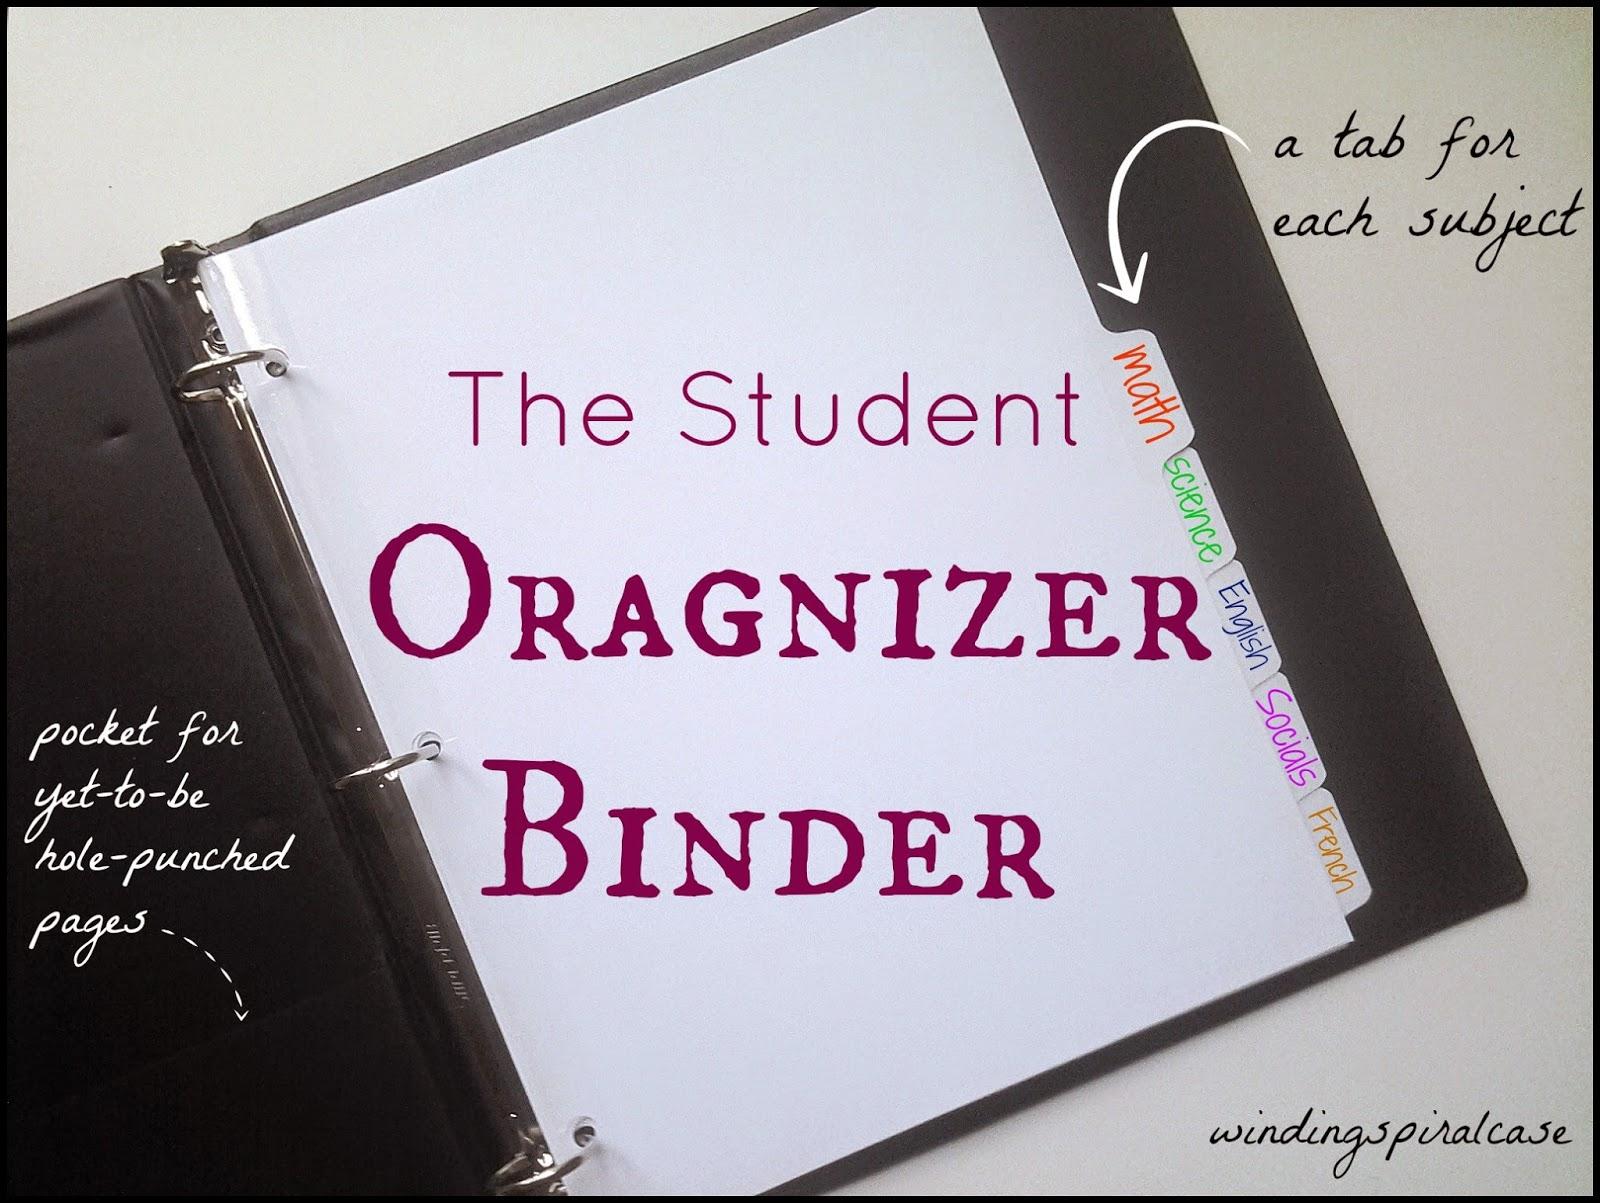 Winding Spiral Case The Student Organizer Binder